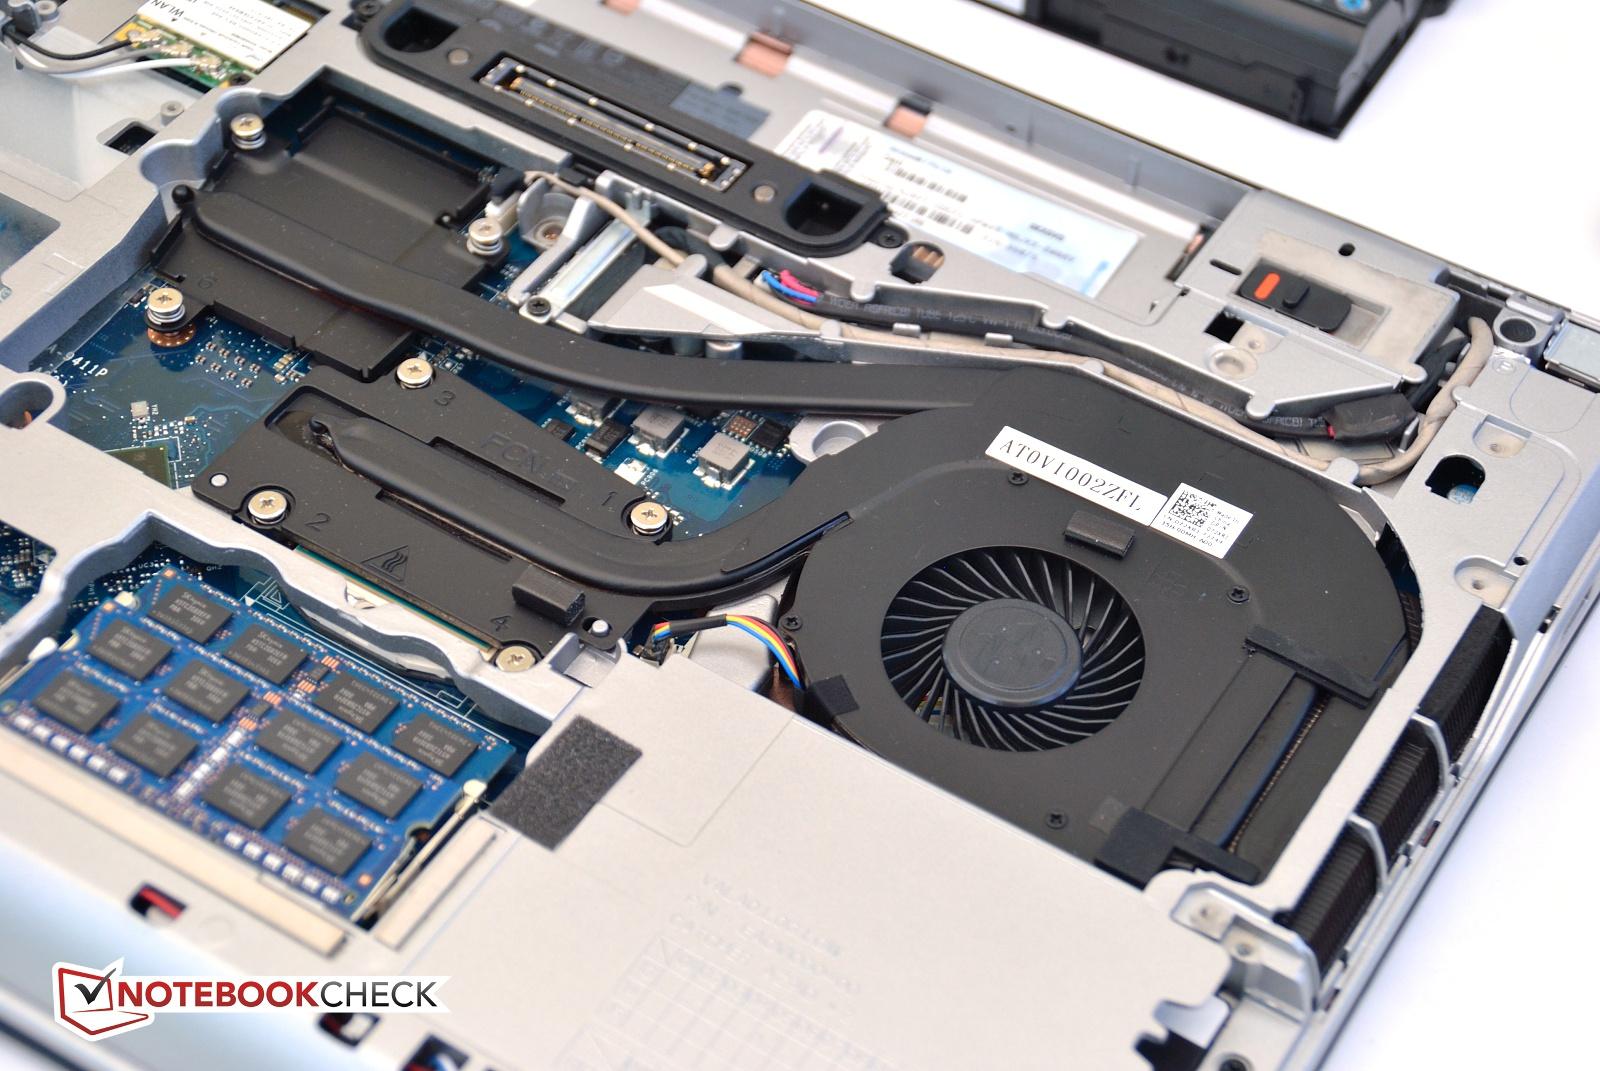 Recensione breve del Notebook Dell Latitude E6540 (i7-4800MQ